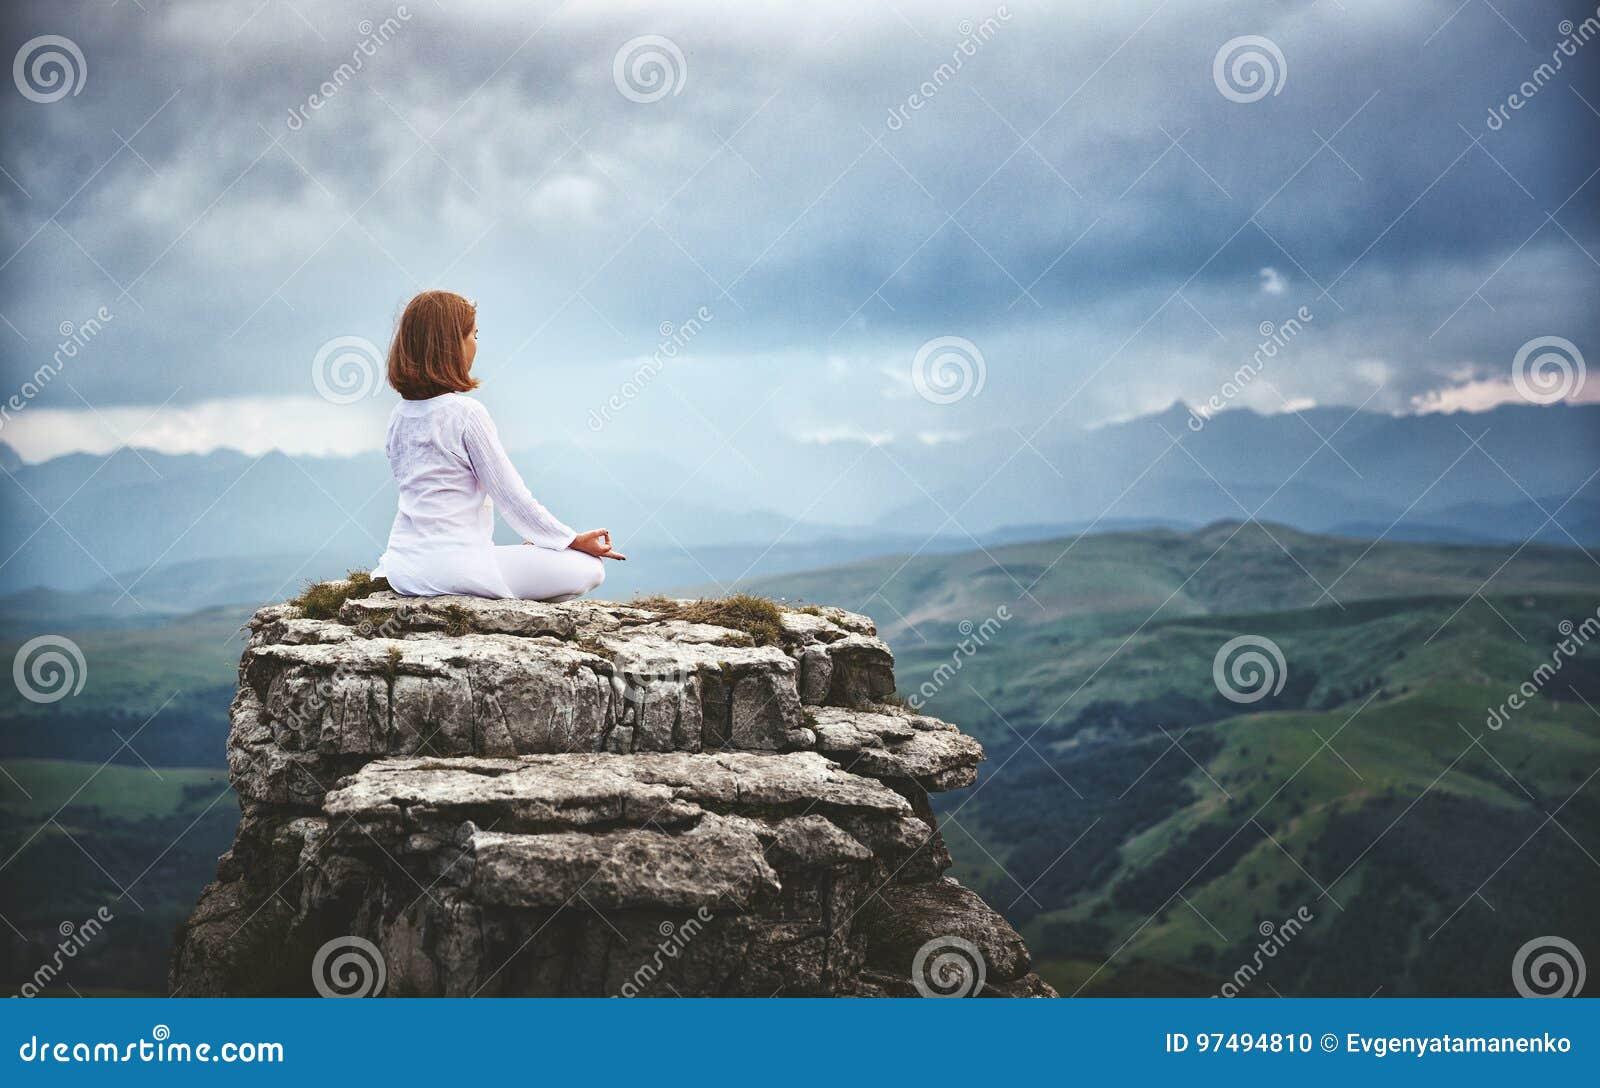 Kobieta ćwiczy joga i medytuje w lotosowej pozyci na mounta